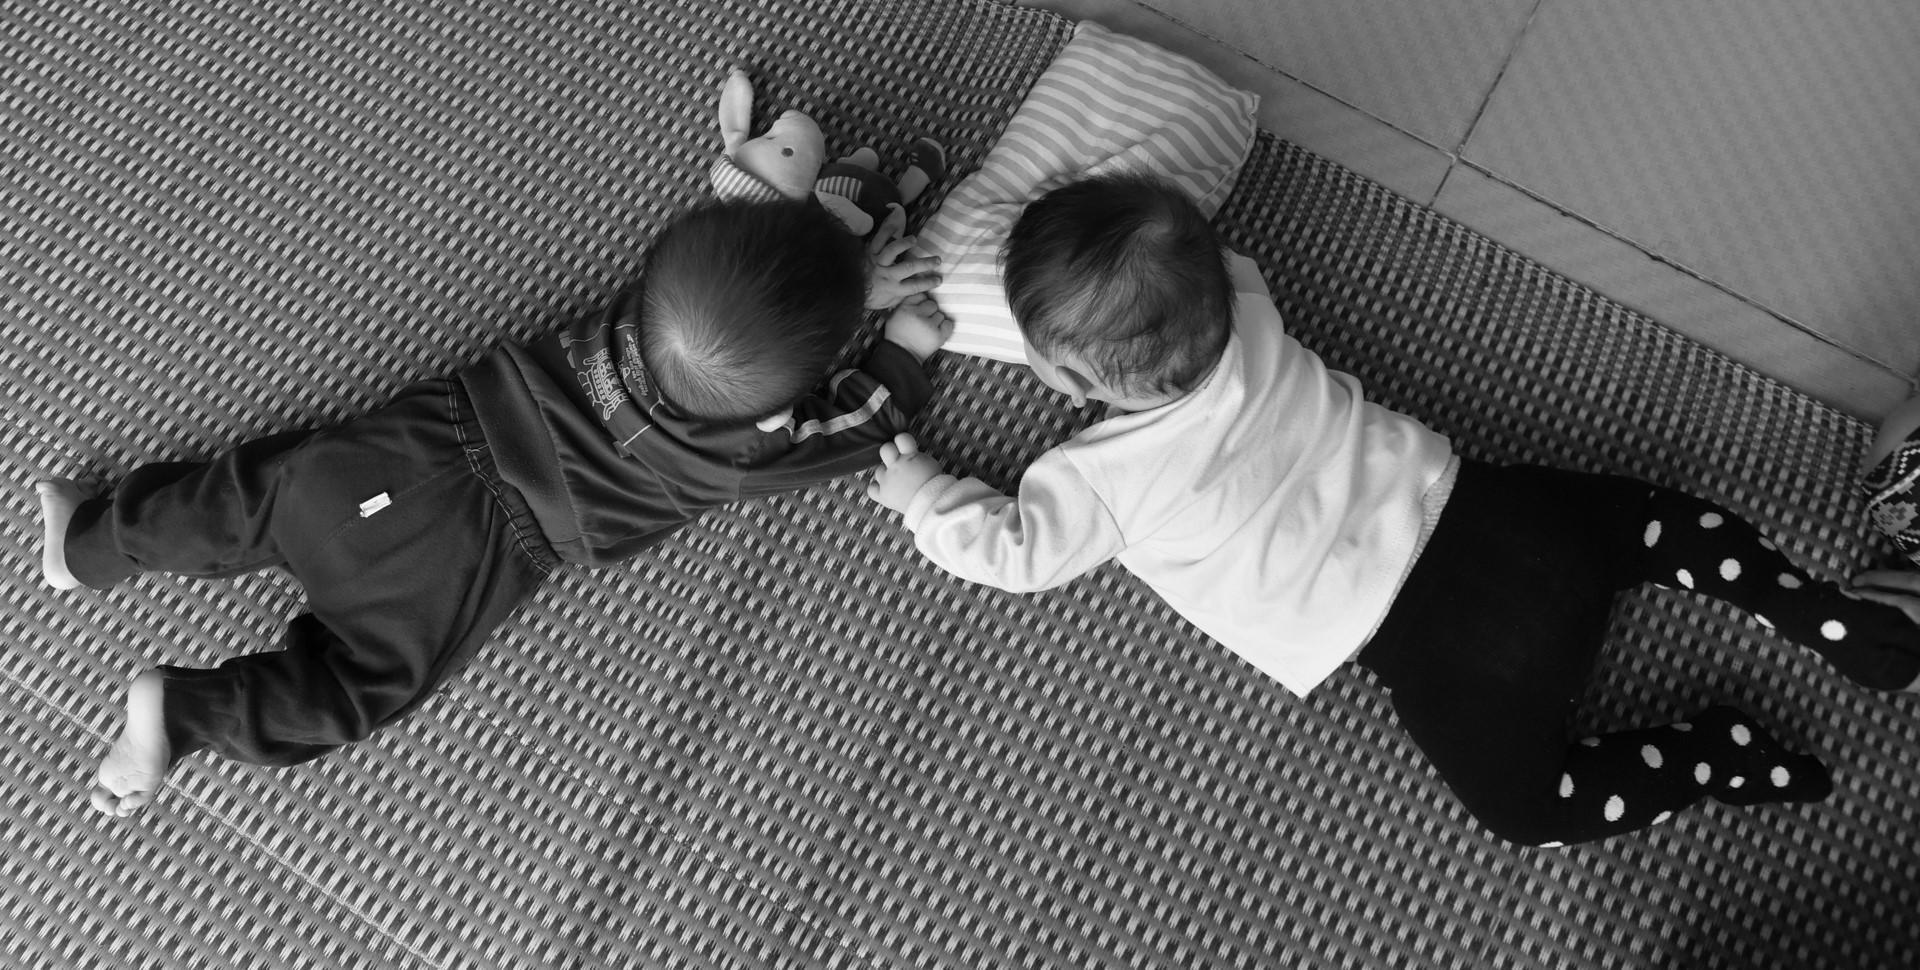 Ngôi nhà chung của 80 trẻ em nhiễm HIV bị bỏ rơi-23